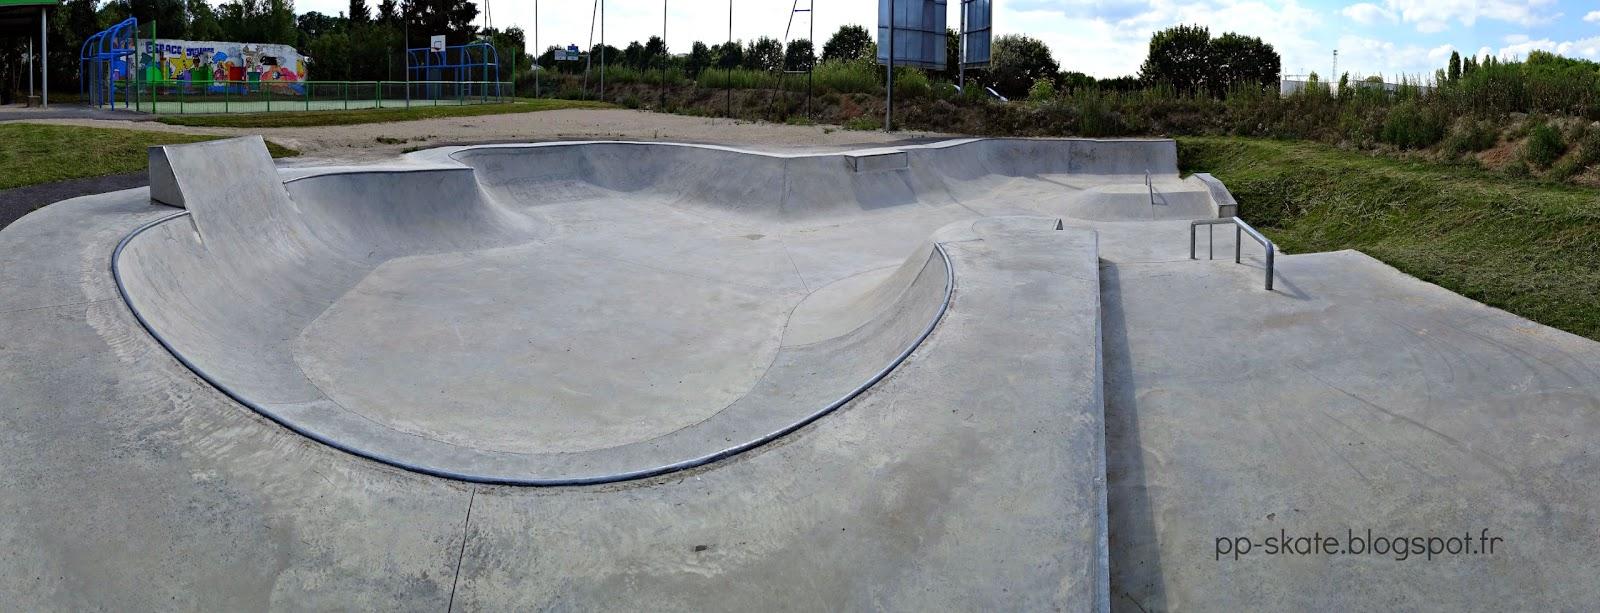 Skatepark bowl Ablis